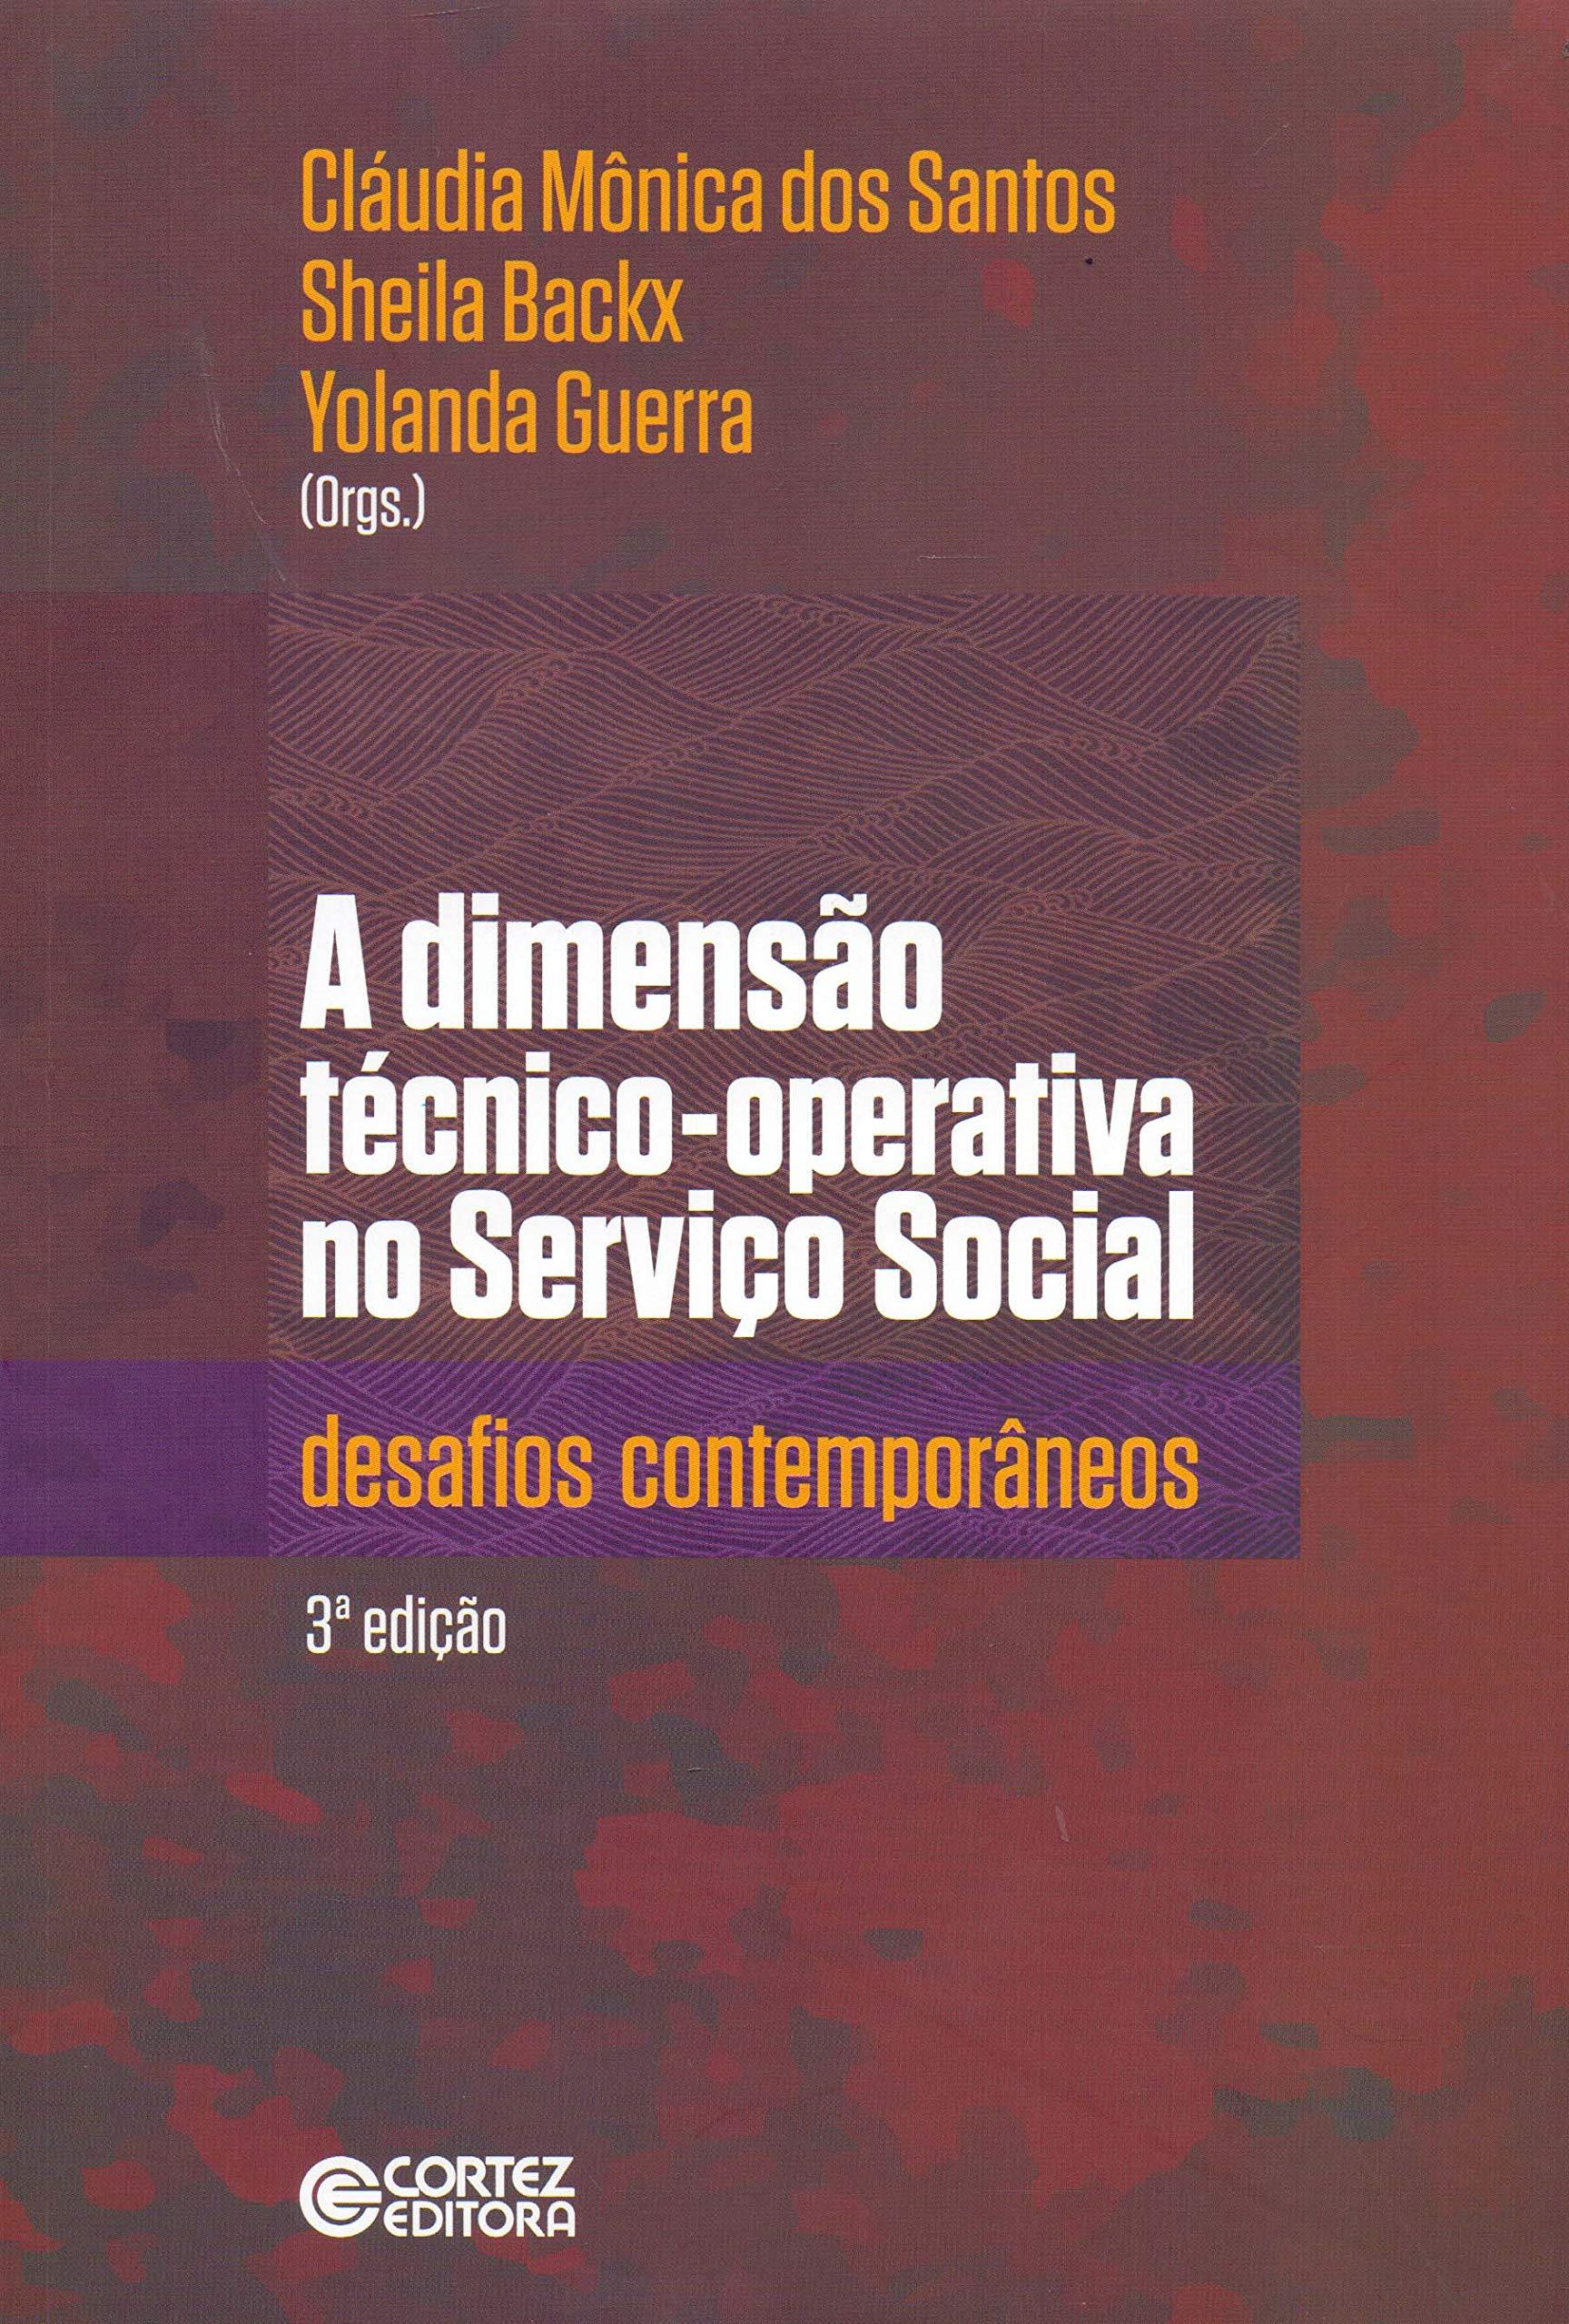 A dimensão técnico-operativa no serviço social: desafios contemporâneos, livro de Cláudia Mônica dos Santos, Sheila Backx, Yolanda Guerra (orgs.)